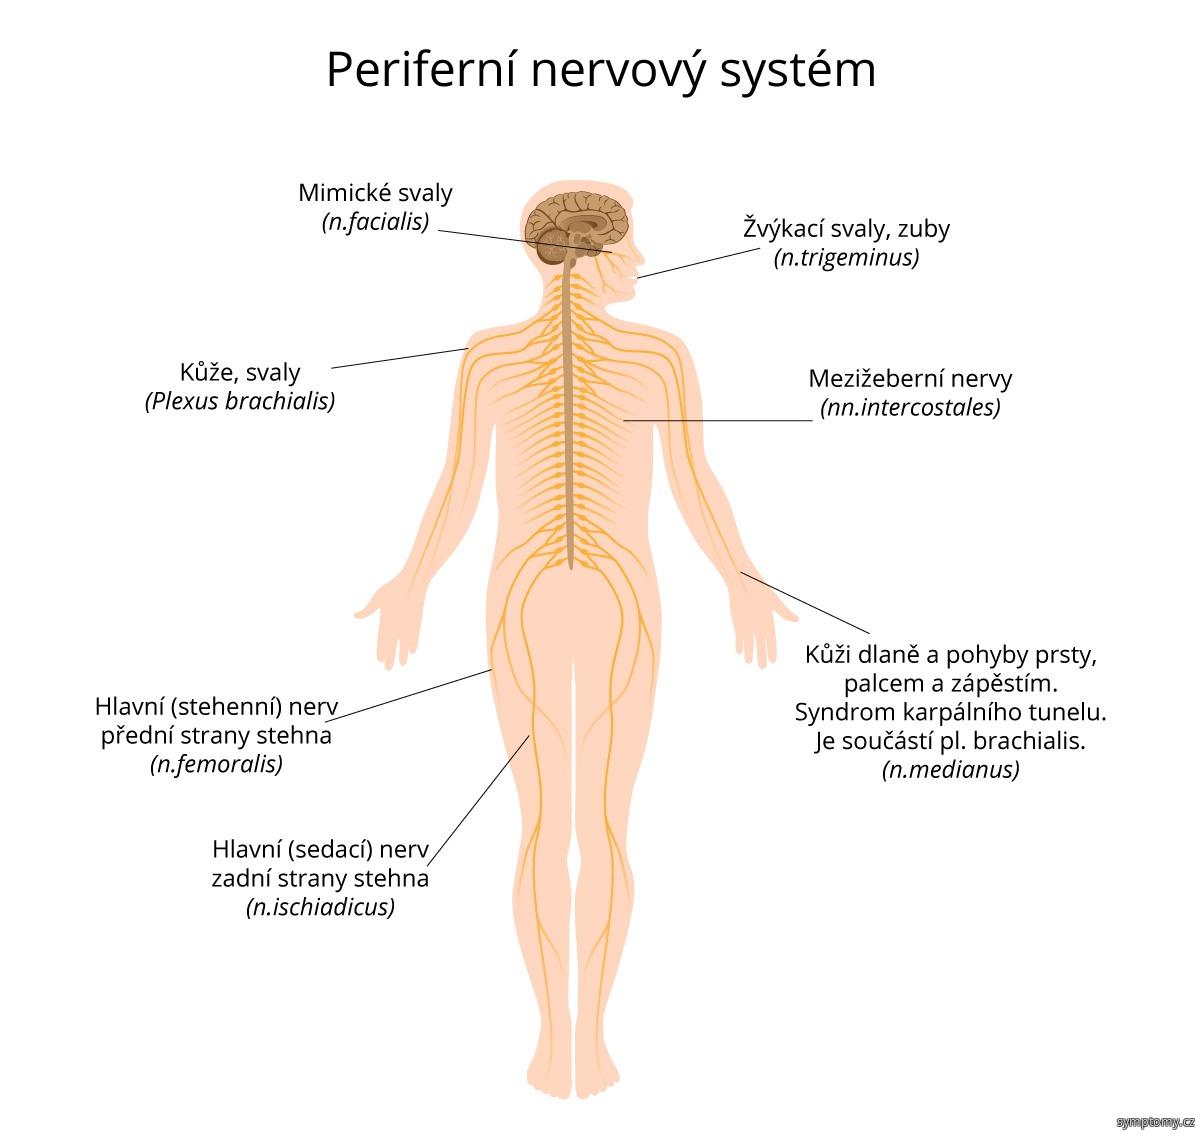 Periferní nervový systém.jpg